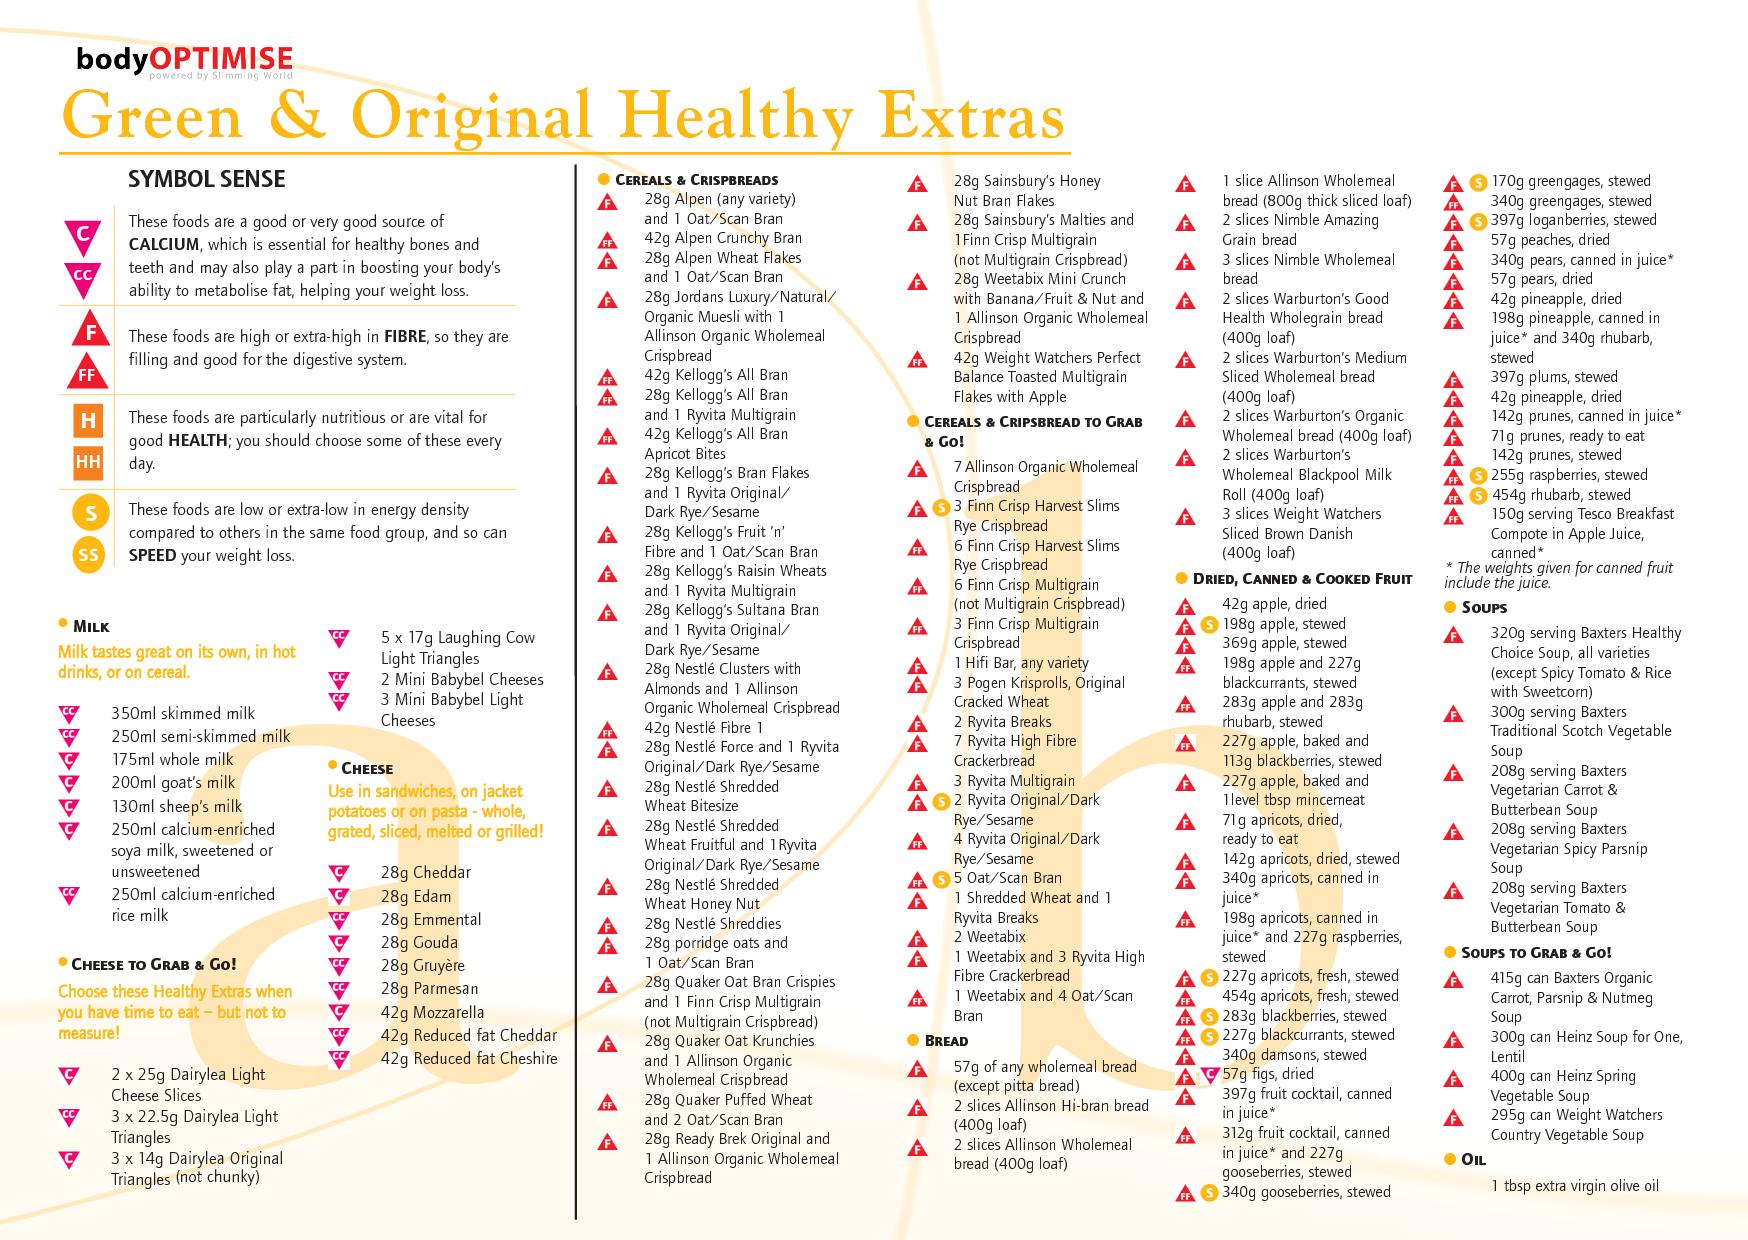 Slimming World Diet Plan Book - Diet Plan